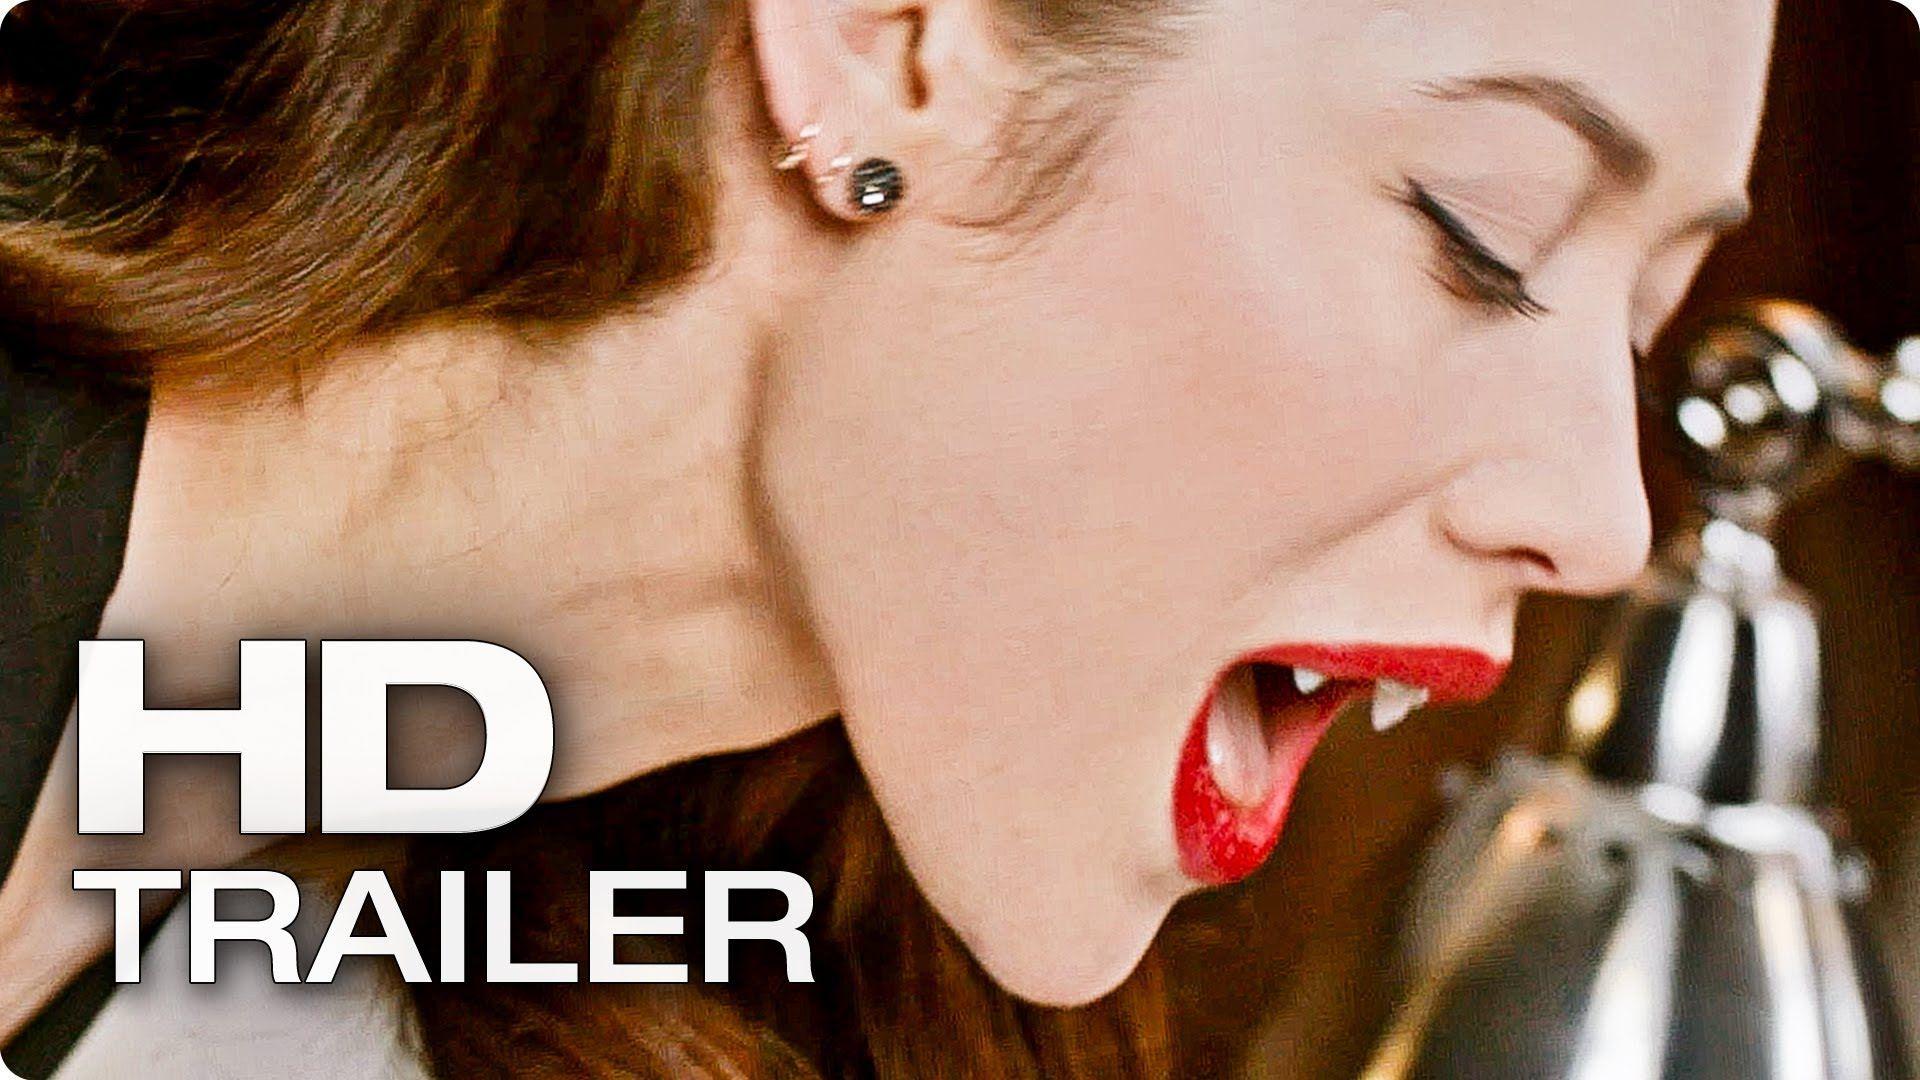 Offizieller VAMPIRE ACADEMY HD-Trailer 2 2014 (German / Deutsch) | Movie Trailer (OT: Vampire Academy) Kinostart: 13 Mär 2014| Abonnieren ➤ http://abo.yt/kc ...